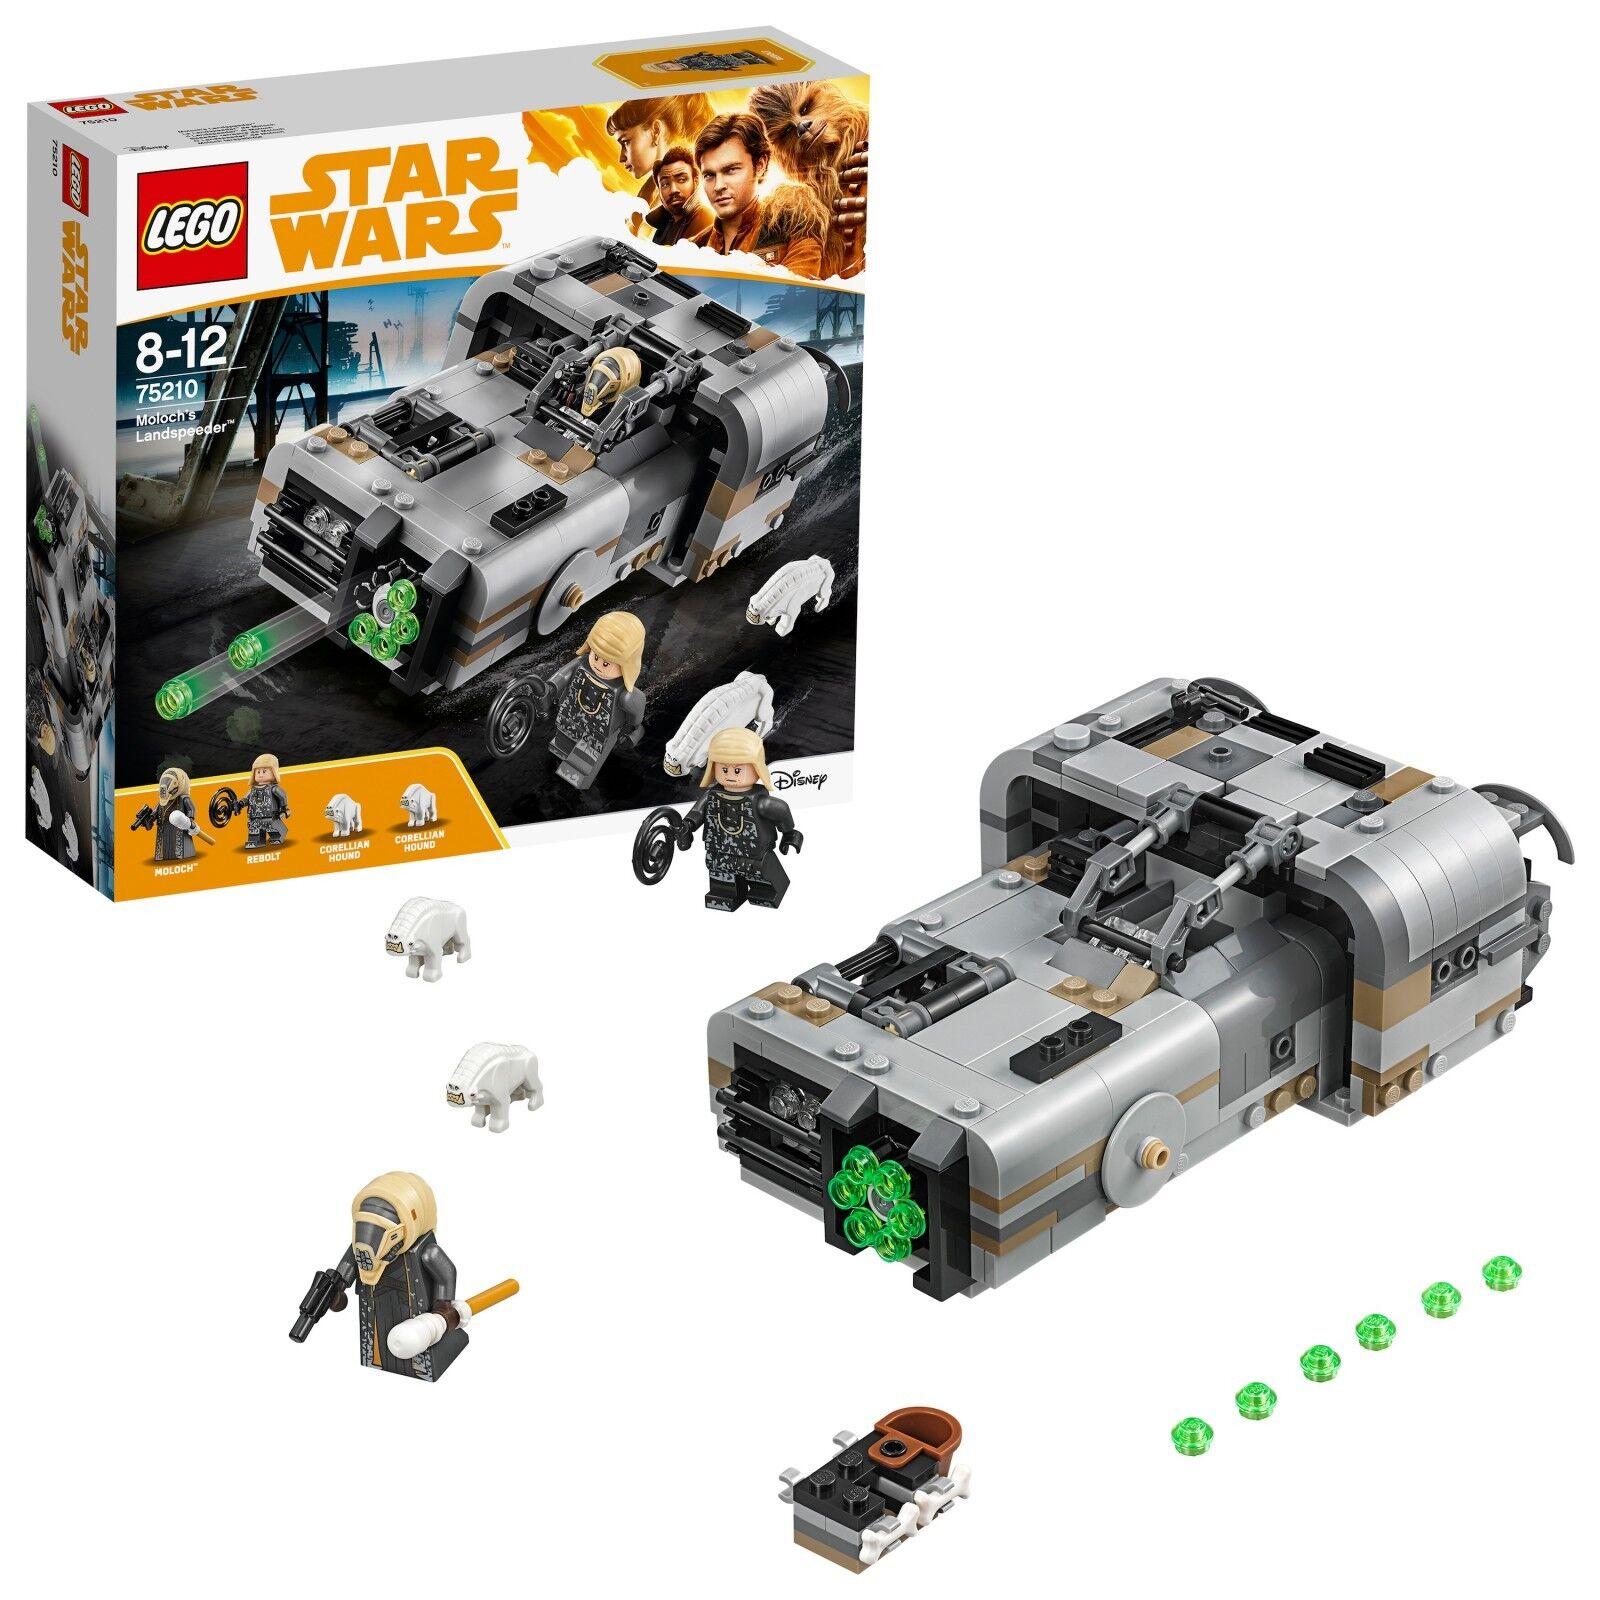 LEGO ® Star Wars Wars Wars ™ 75210 Moloch's Landspeeder ™ Nouveau neuf dans sa boîte NEW En parfait état, dans sa boîte scellée Boîte d'origine jamais ouverte eb64fd